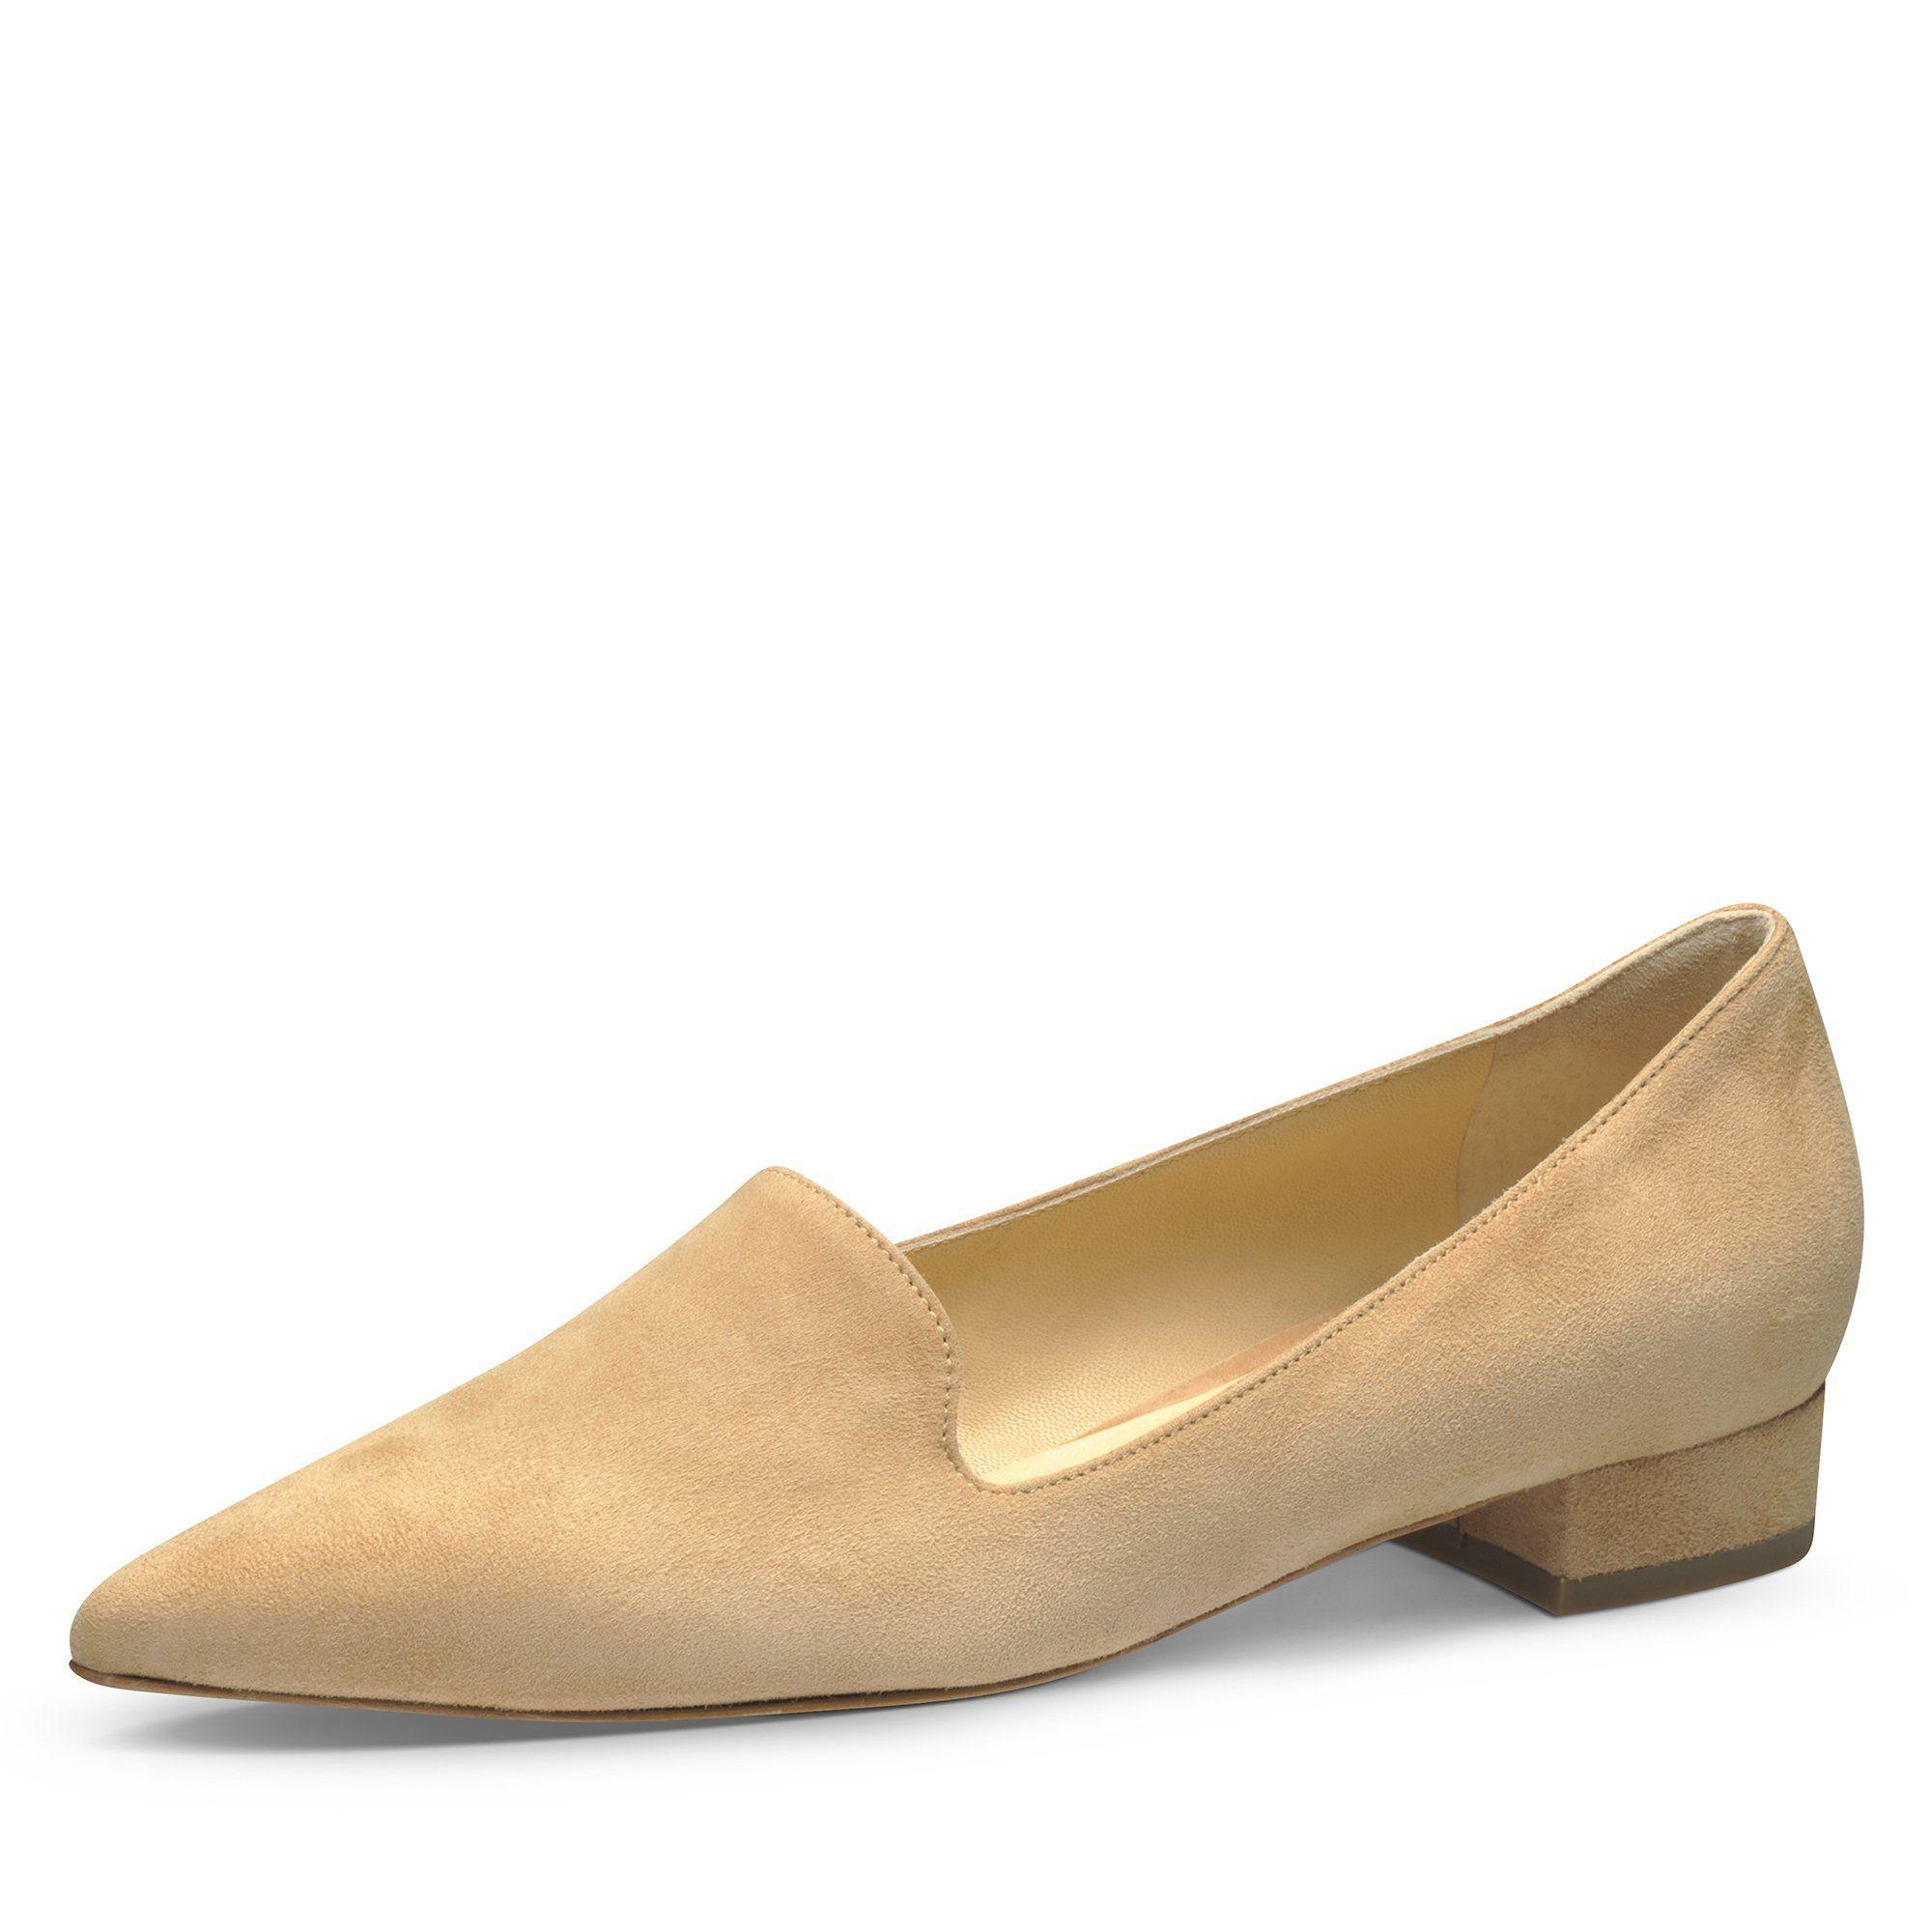 Evita FRANCA Slipper online kaufen  beige